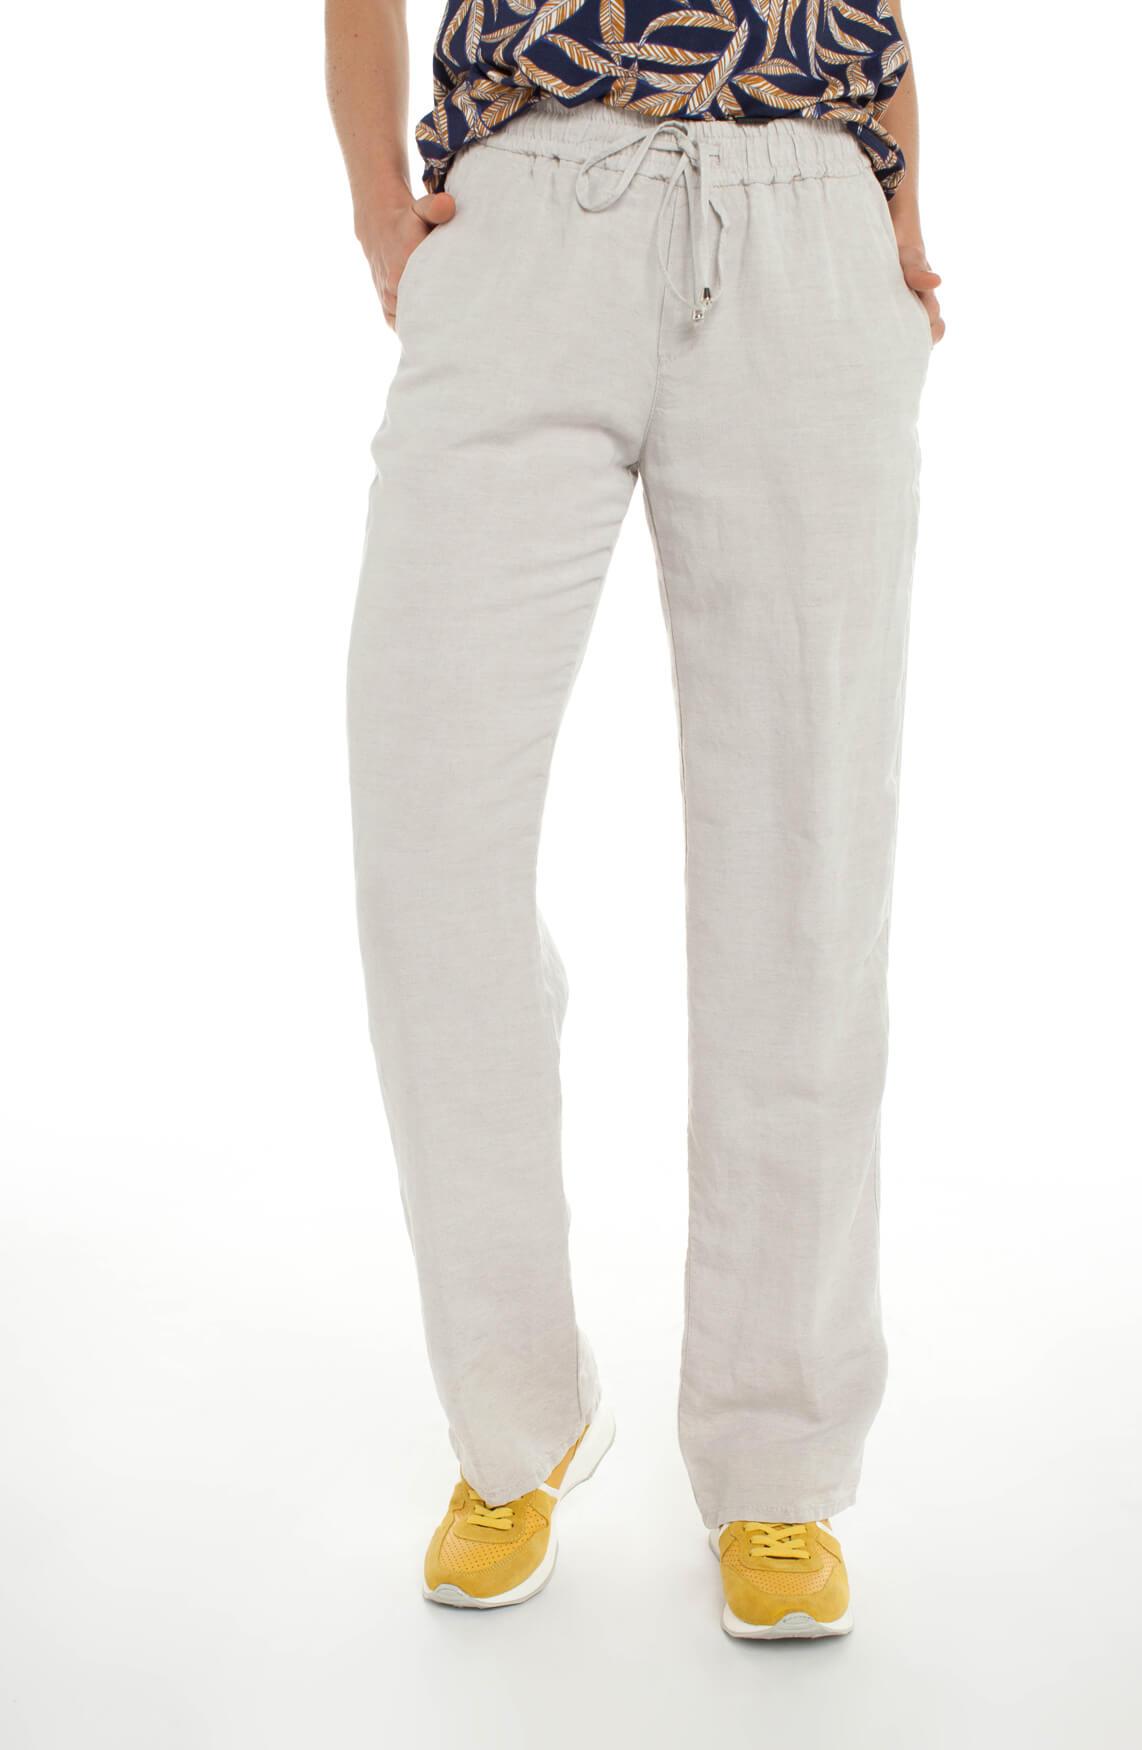 Rosner Dames May broek met elastische tailleband Ecru